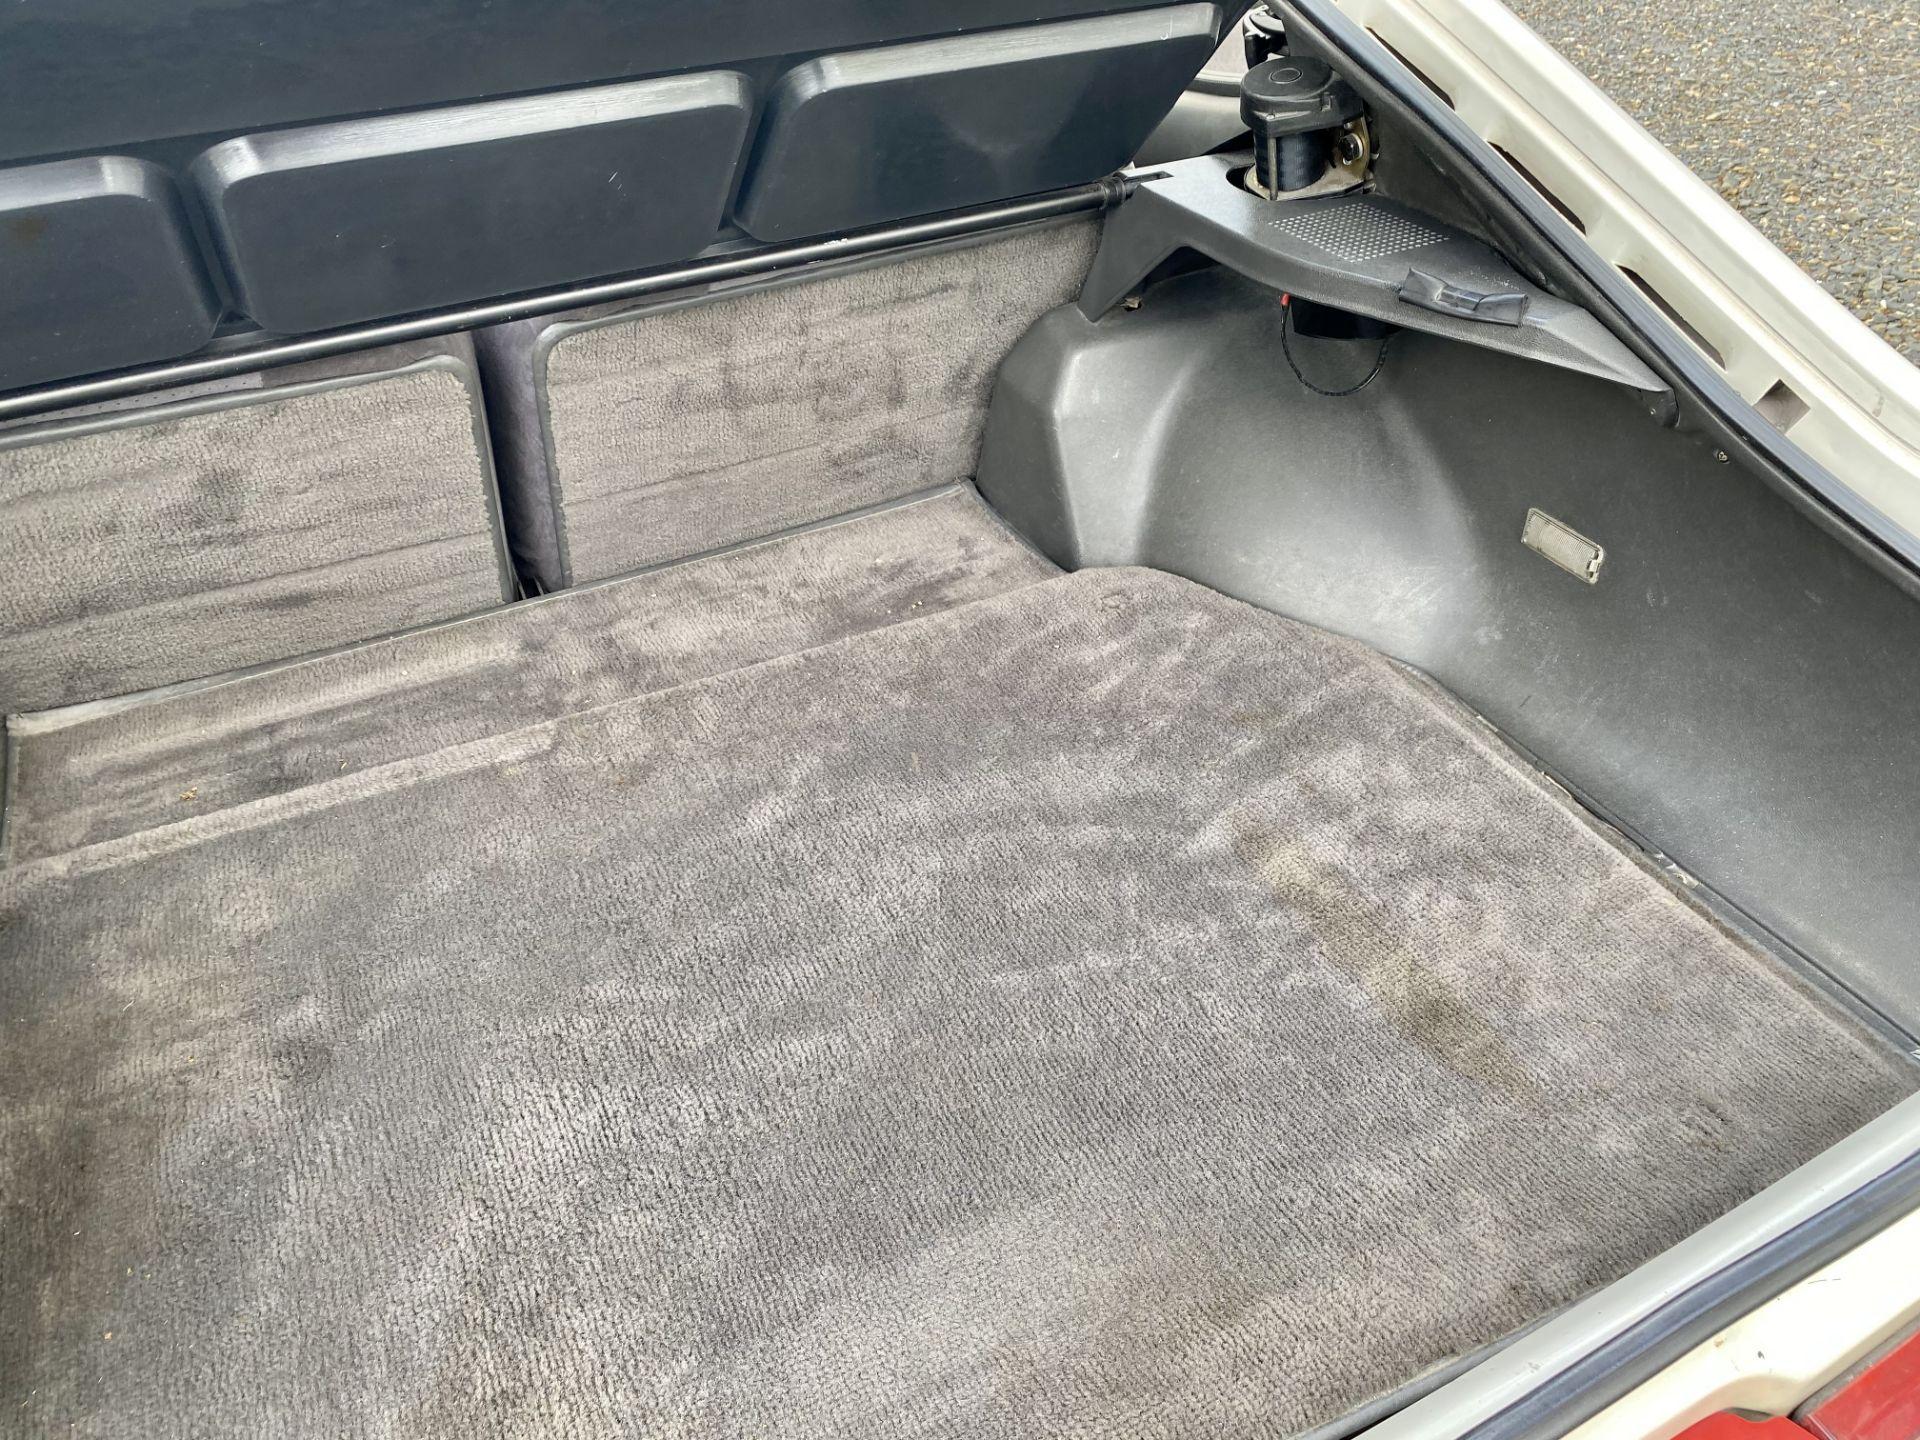 Ford Capri Tickford Turbo - Image 55 of 62